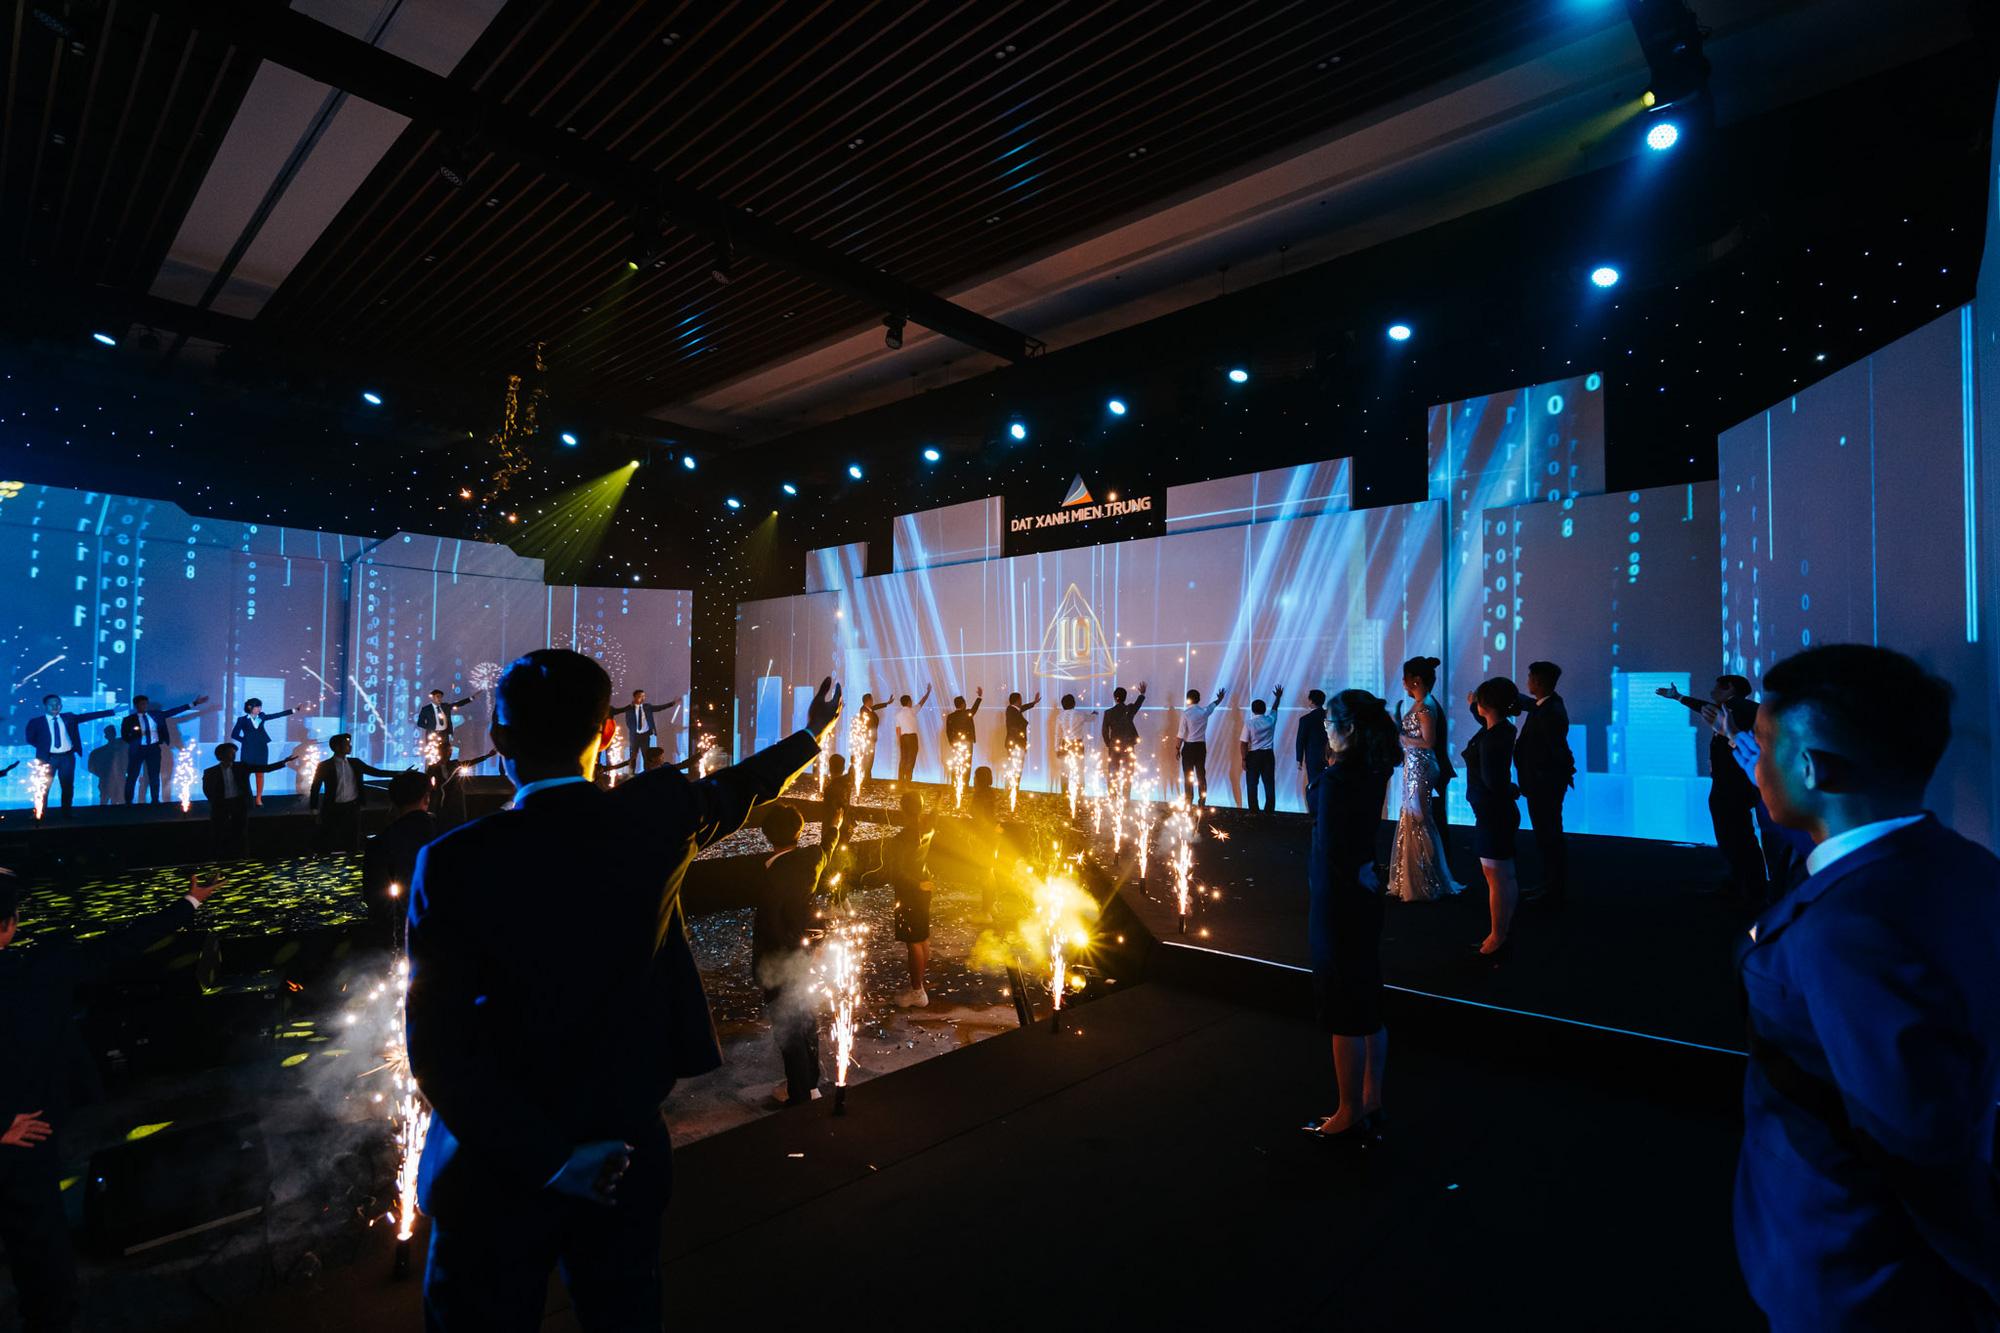 Nghệ thuật và công nghệ ánh sáng tái hiện Sắc màu Thập kỷ, kỷ niệm 10 năm thành lập Đất Xanh Miền Trung - Ảnh 6.